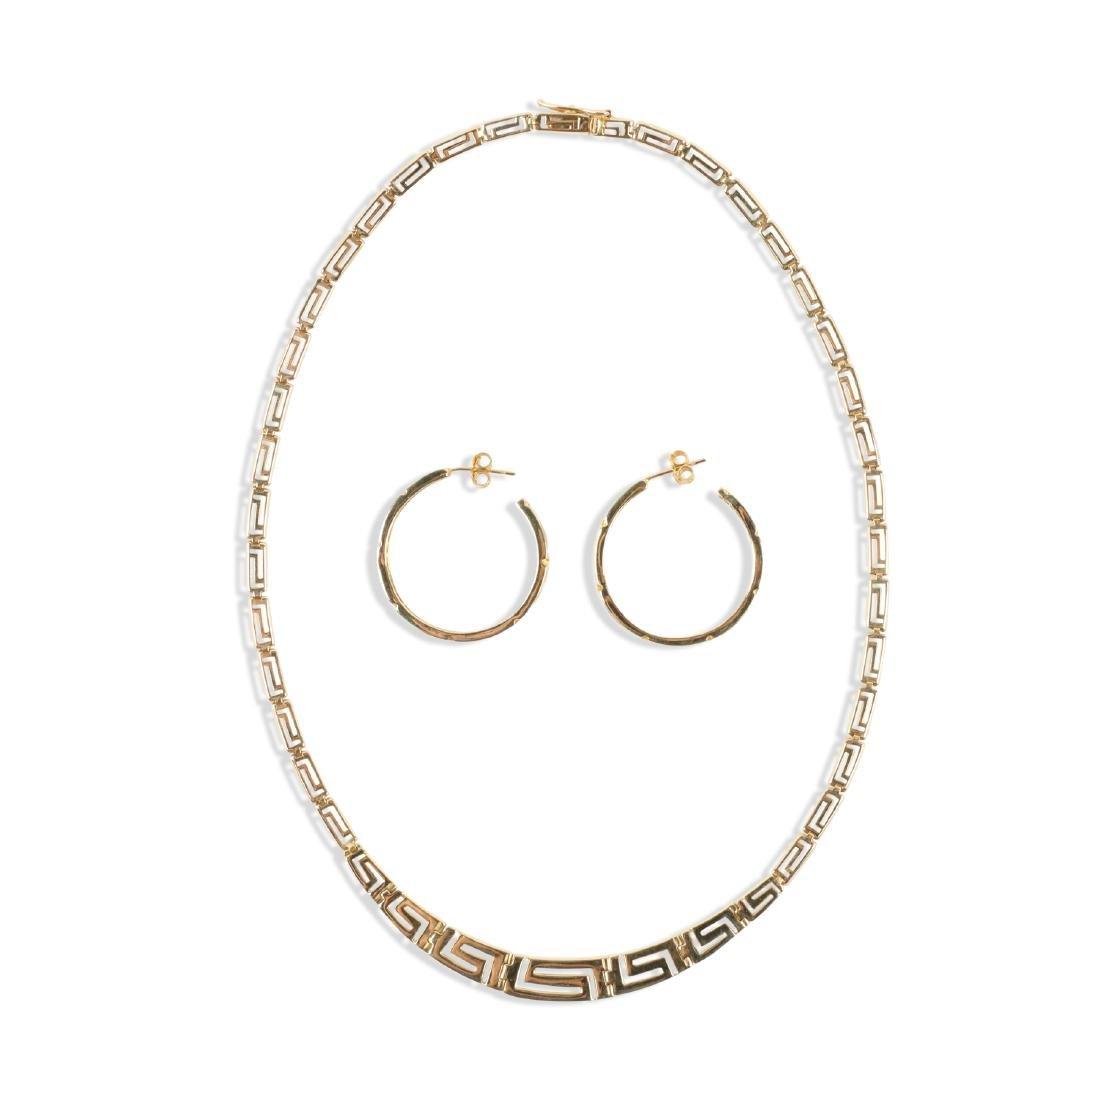 A Greek Style 14K Gold Necklace, Earrings Set